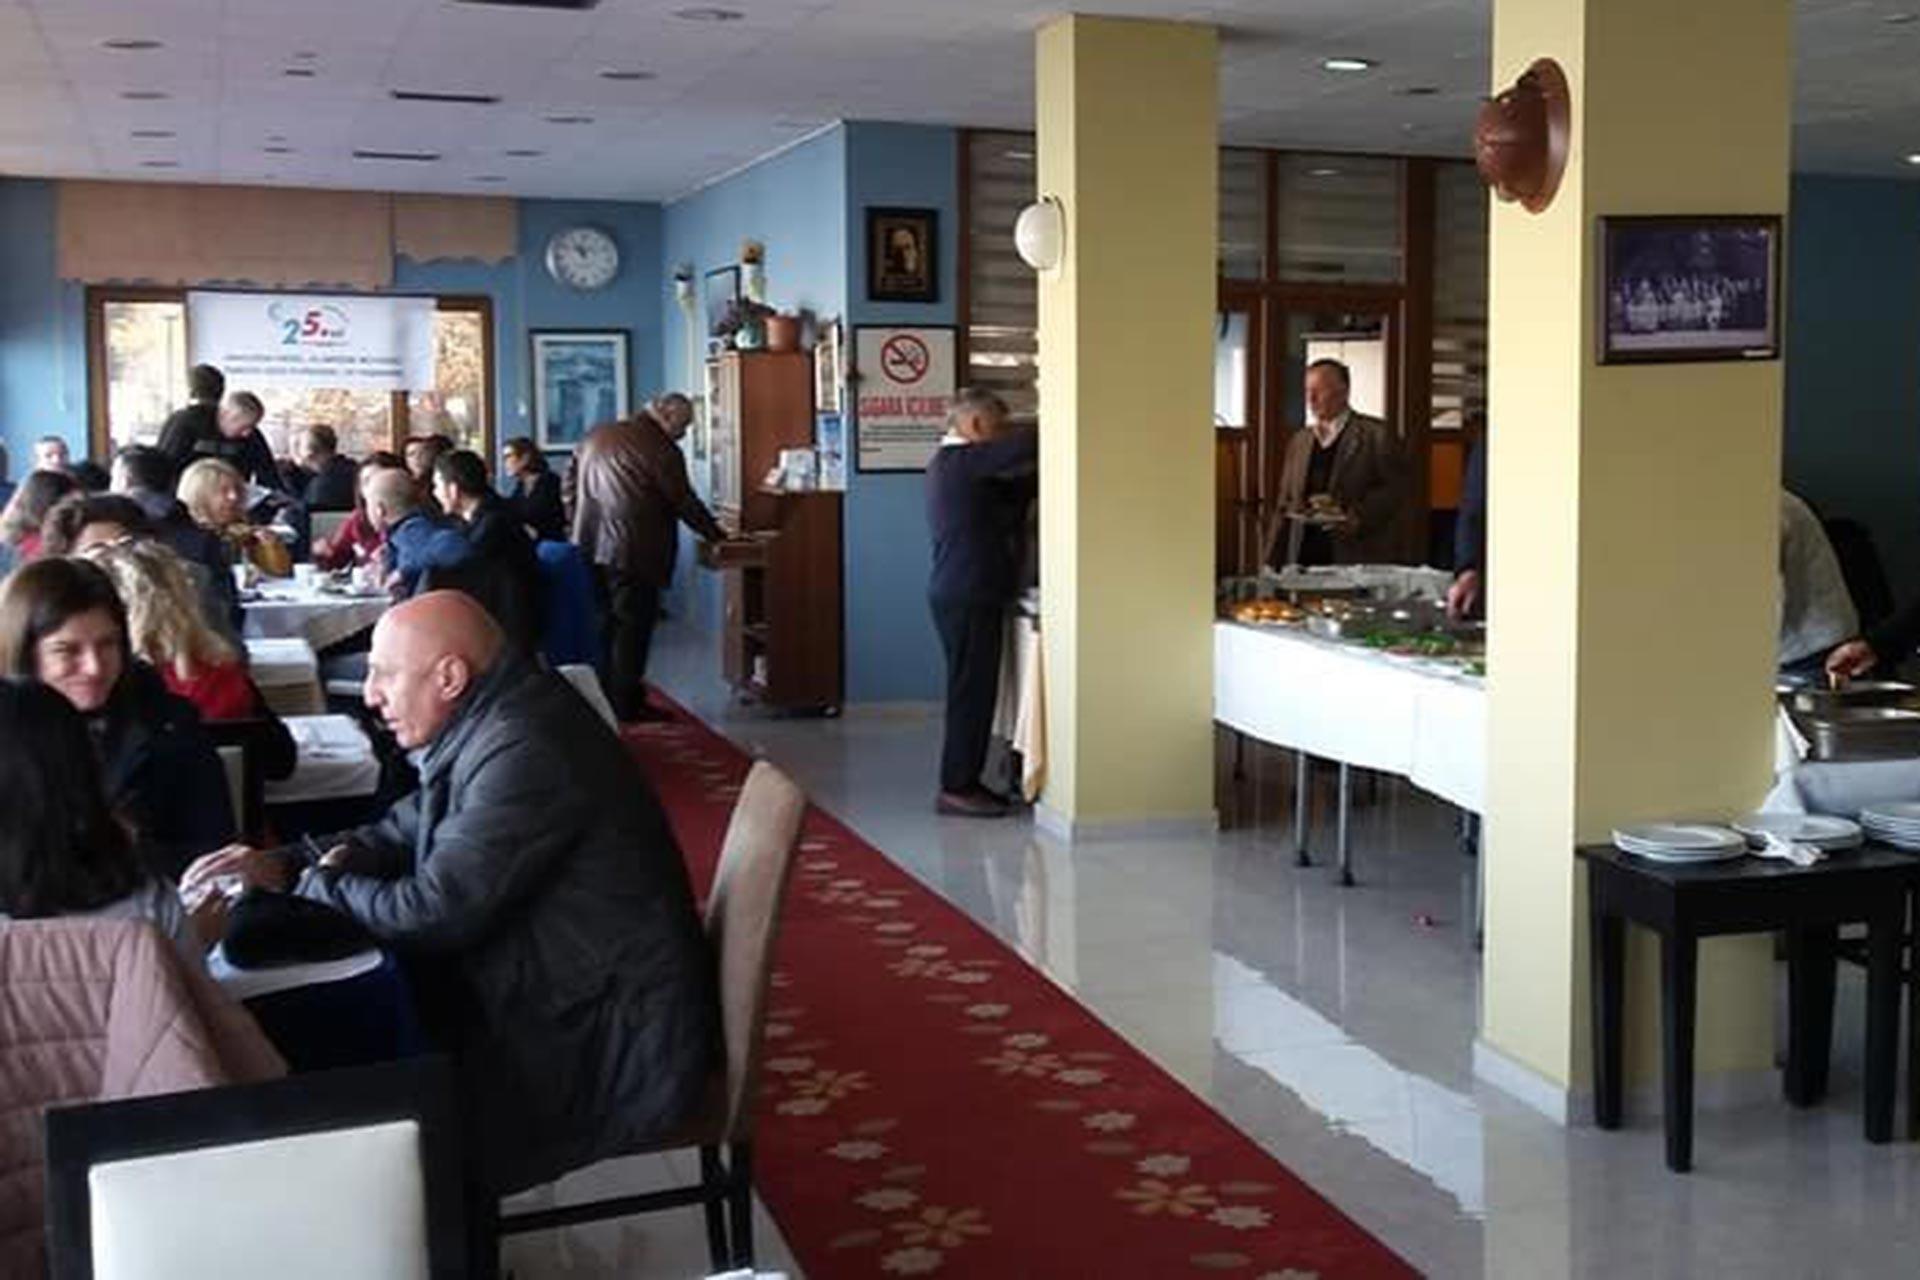 Zonguldak'ta düzenlenen Evrensel'le dayanışma kahvaltısından bir fotoğraf